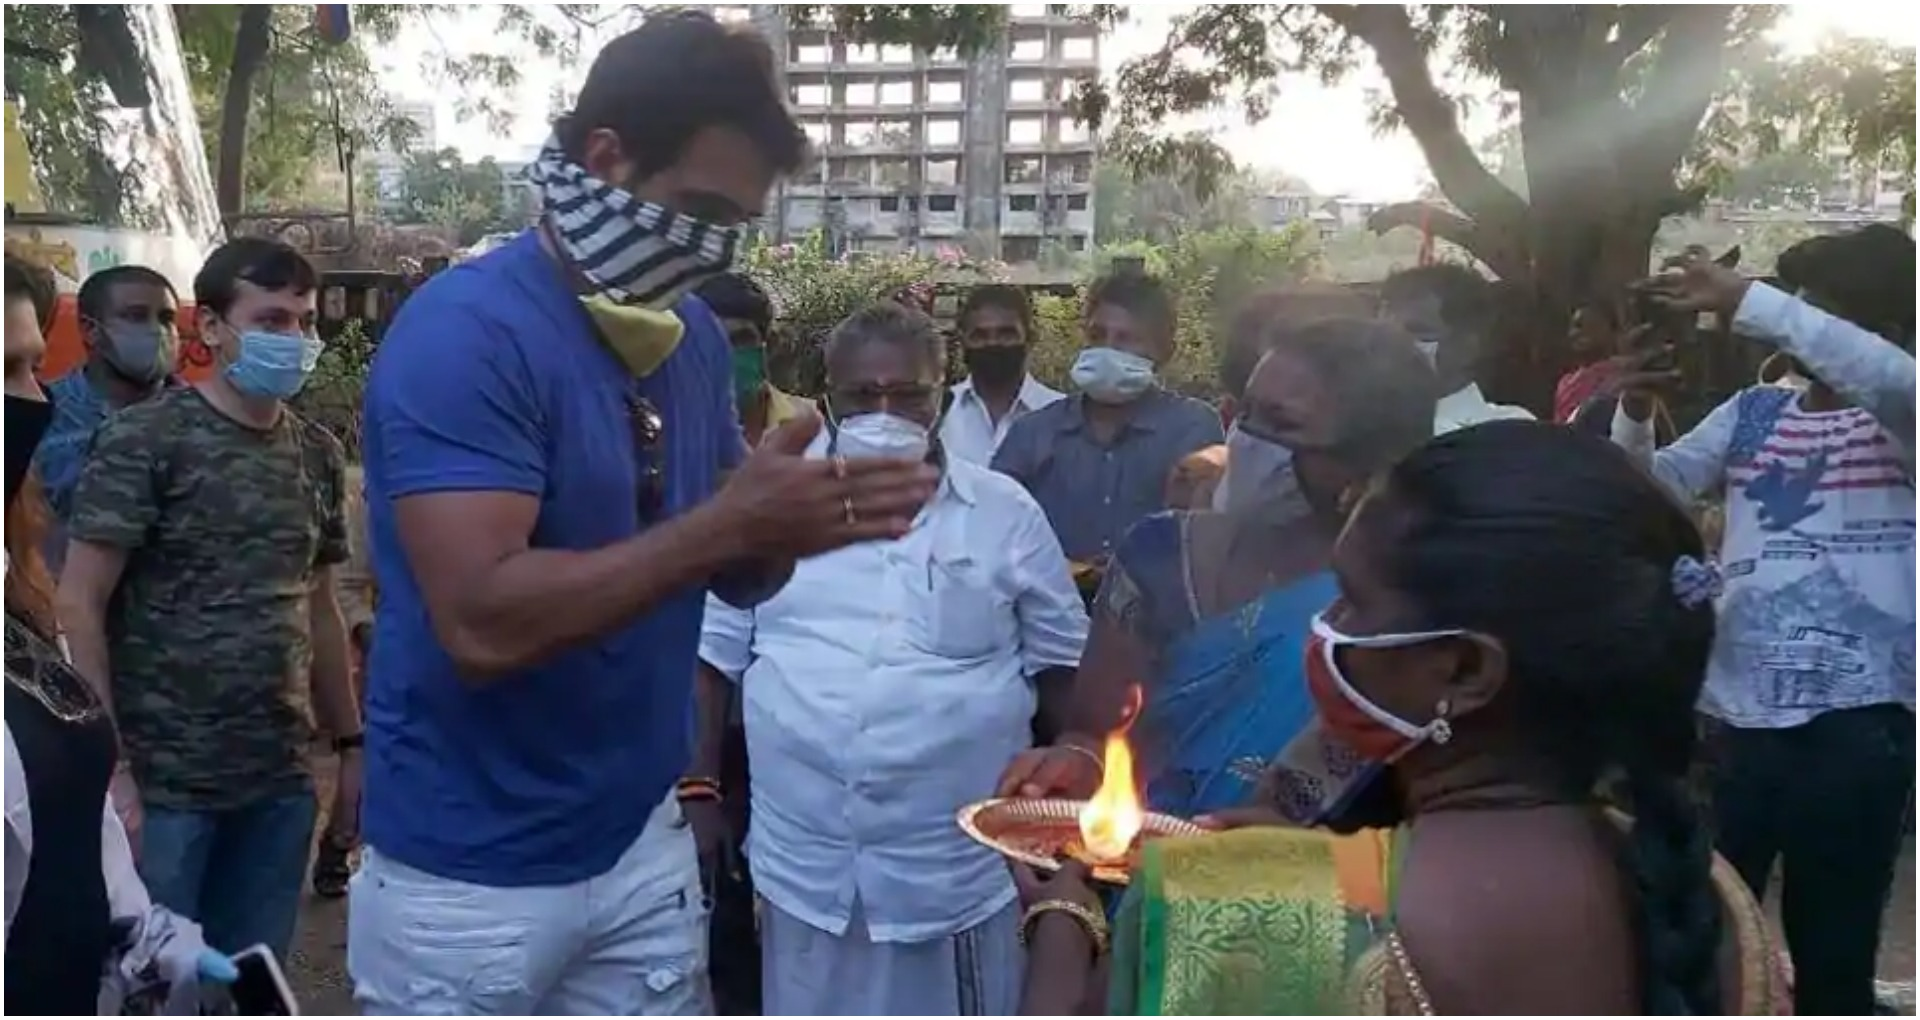 सोनू सूद ने 200 इडली वेंडर को पहुंचाया घर, उन्होंने आरती उतारकर किया शुक्रिया अदा, देखें वीडियो